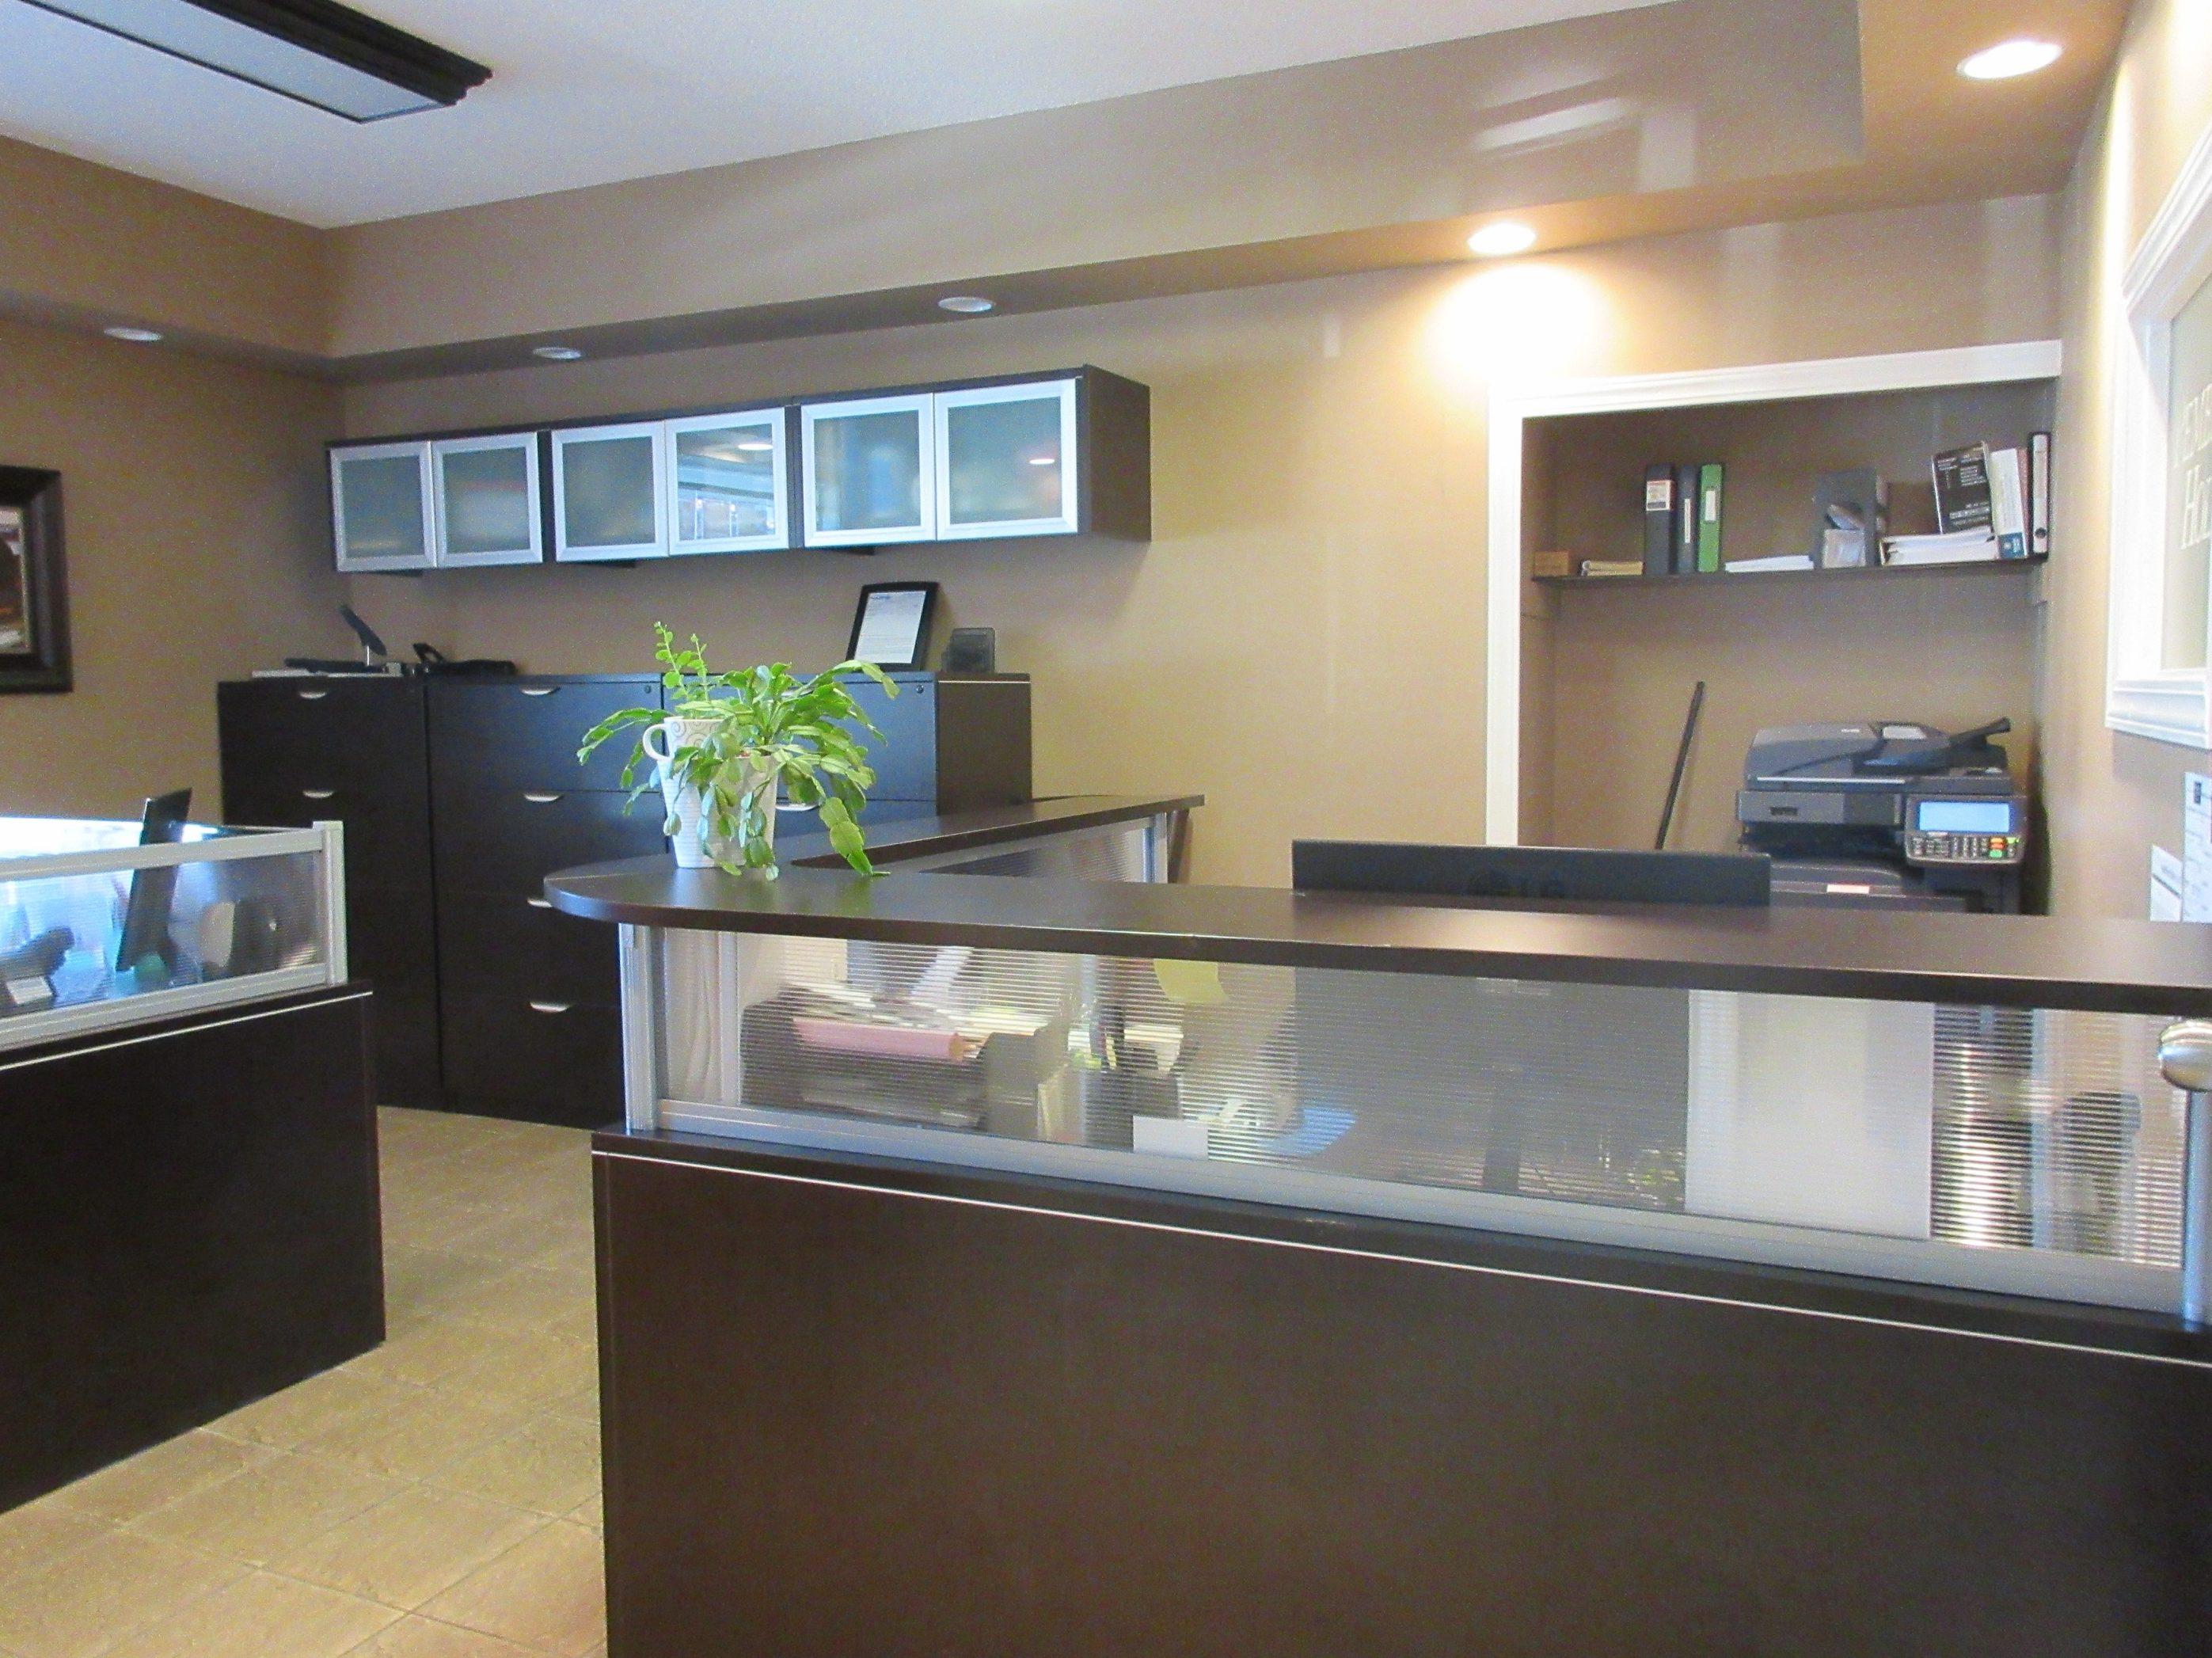 Pemberton Holmes Nanaimo BC office contact information